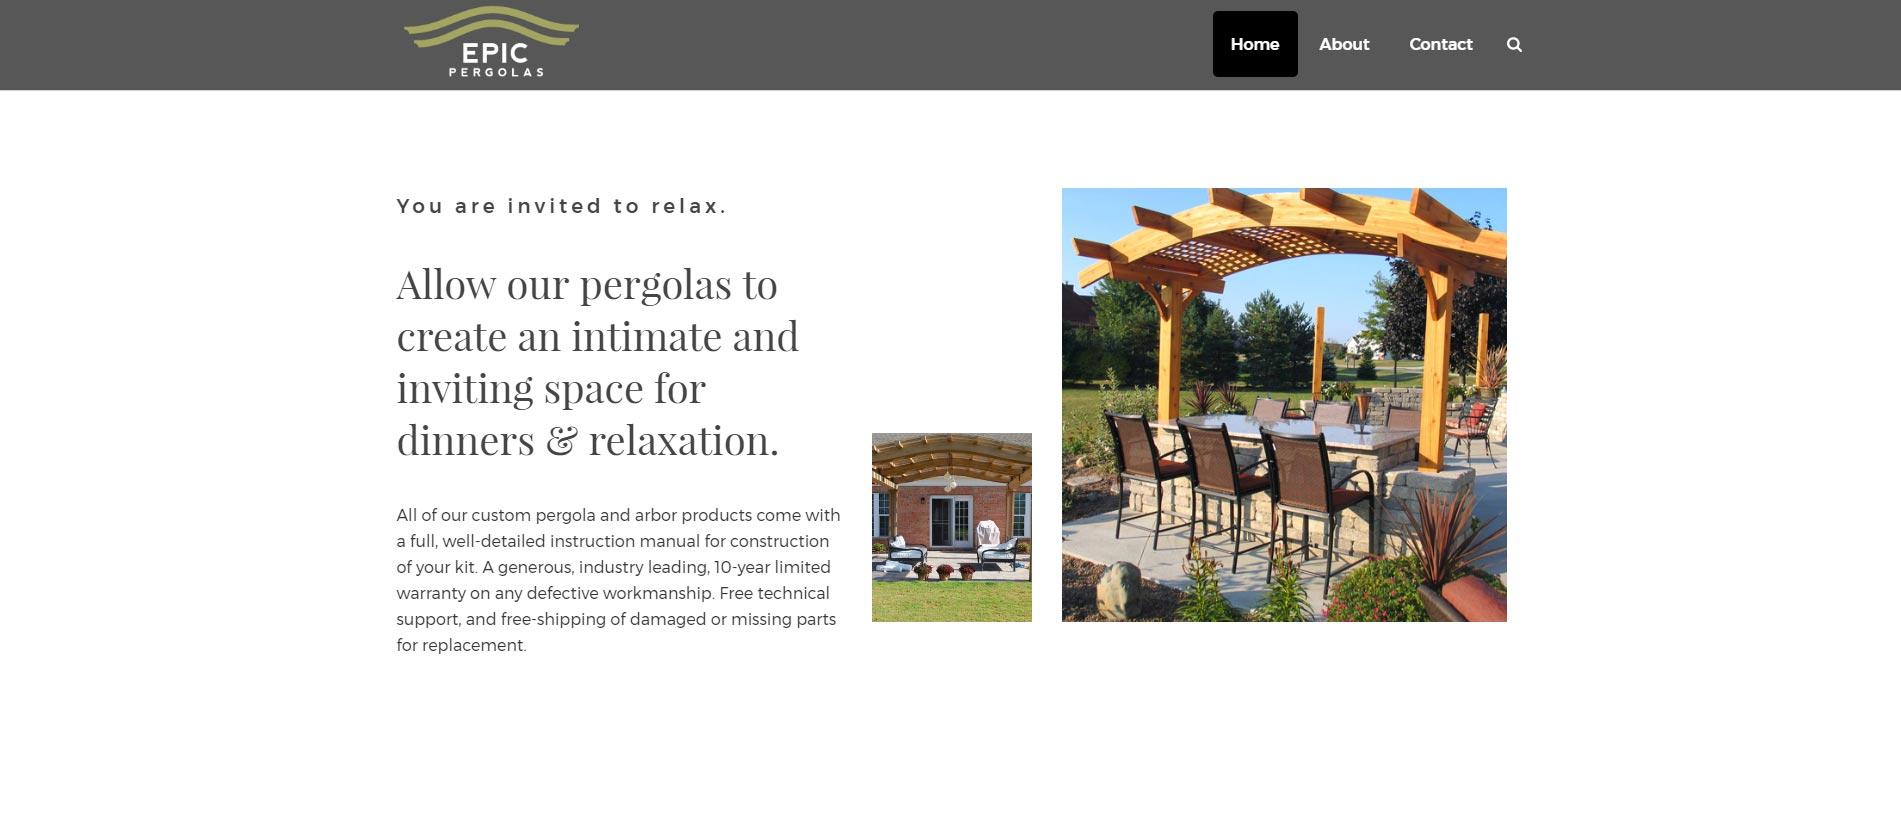 Epic-Pergolas_Home-Page-3.jpg